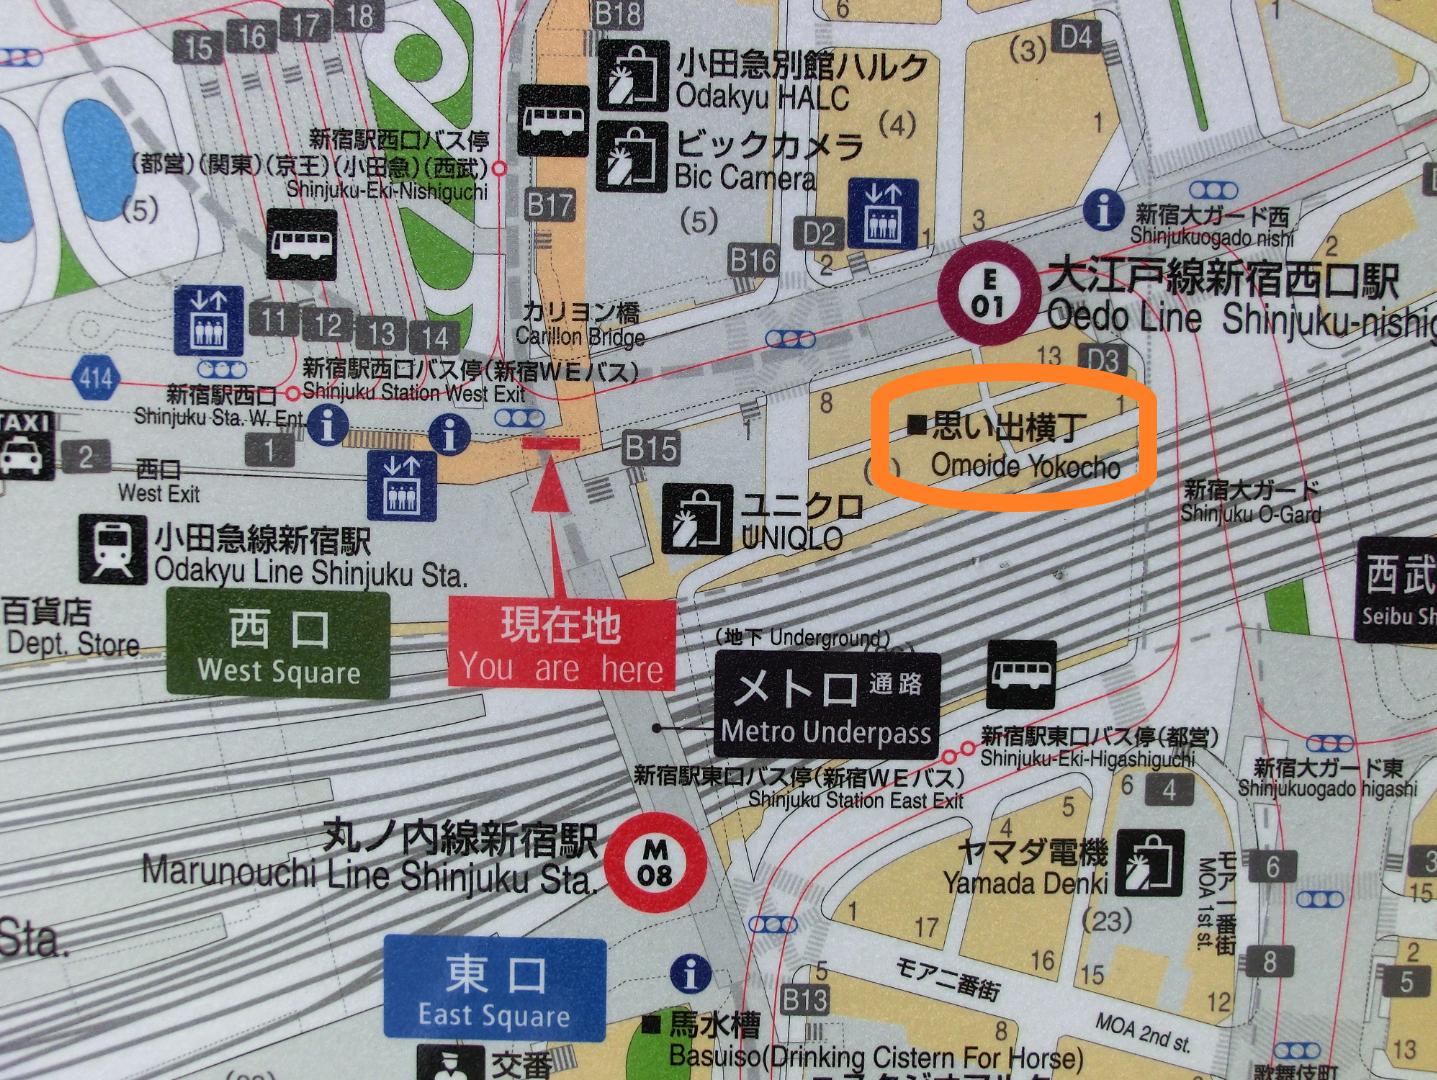 思い出横丁地図 新宿駅西口記事